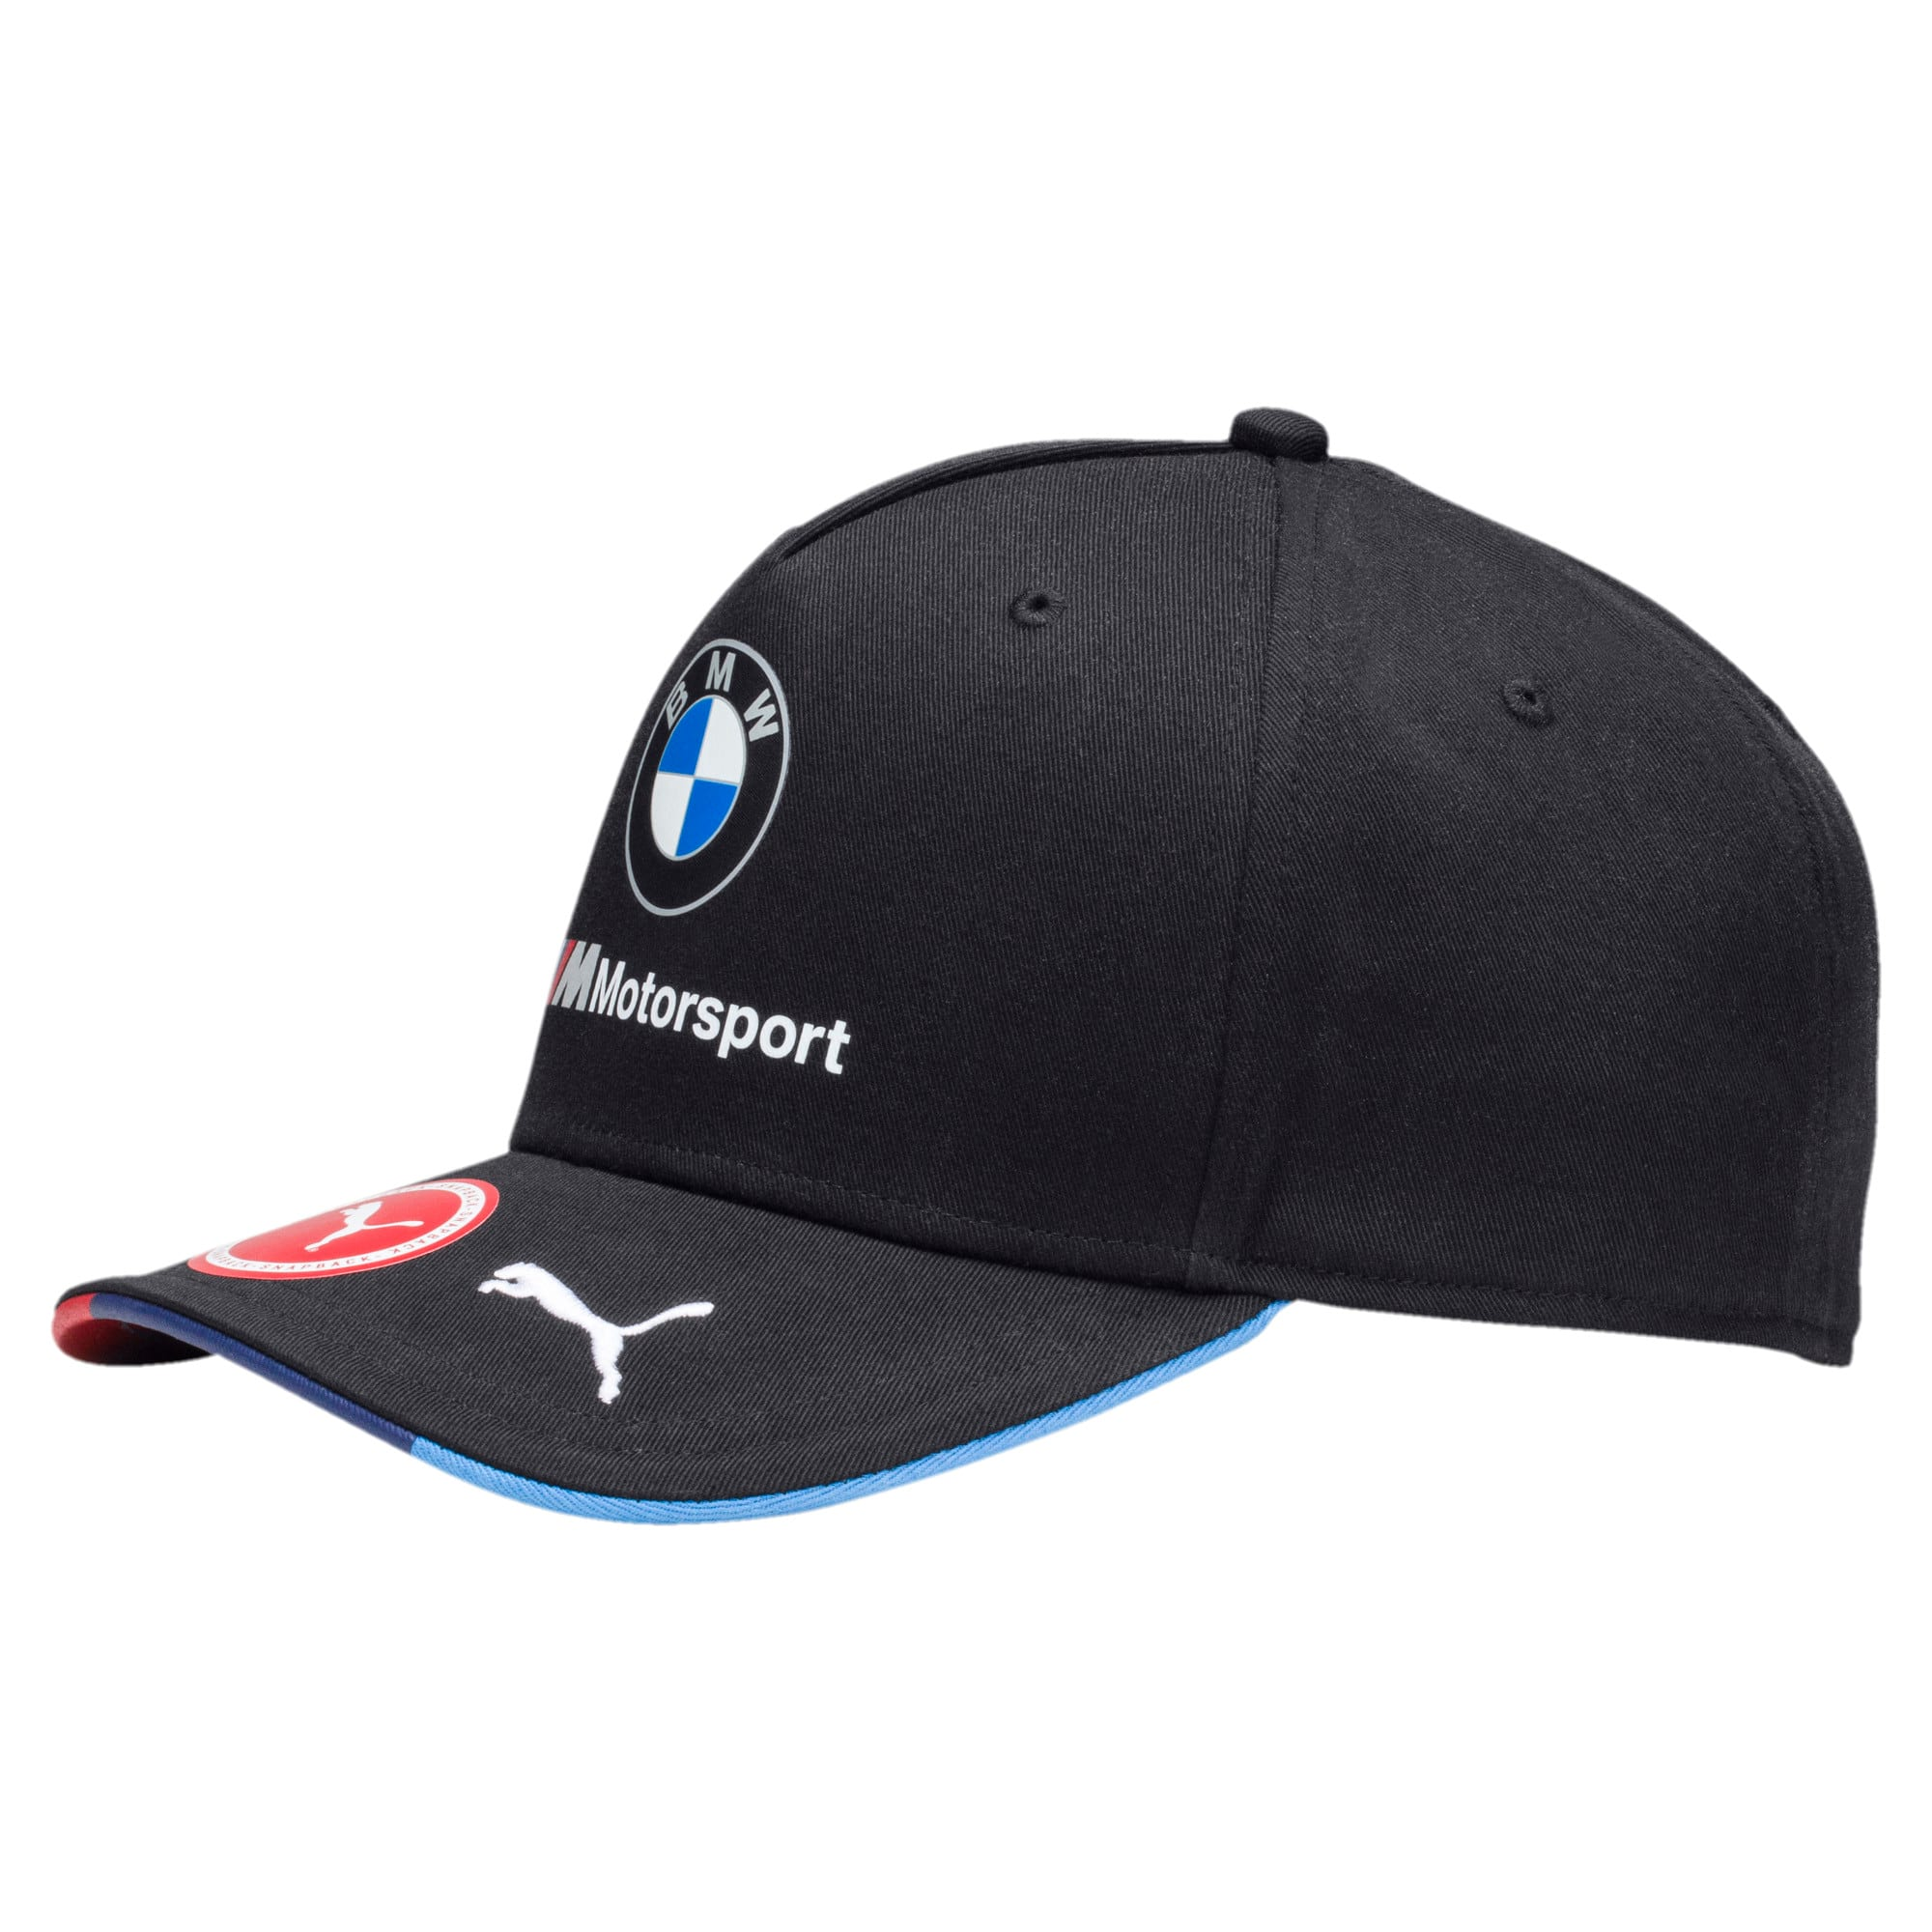 Thumbnail 1 of BMW Motorsport Replica Team Cap, Anthracite, medium